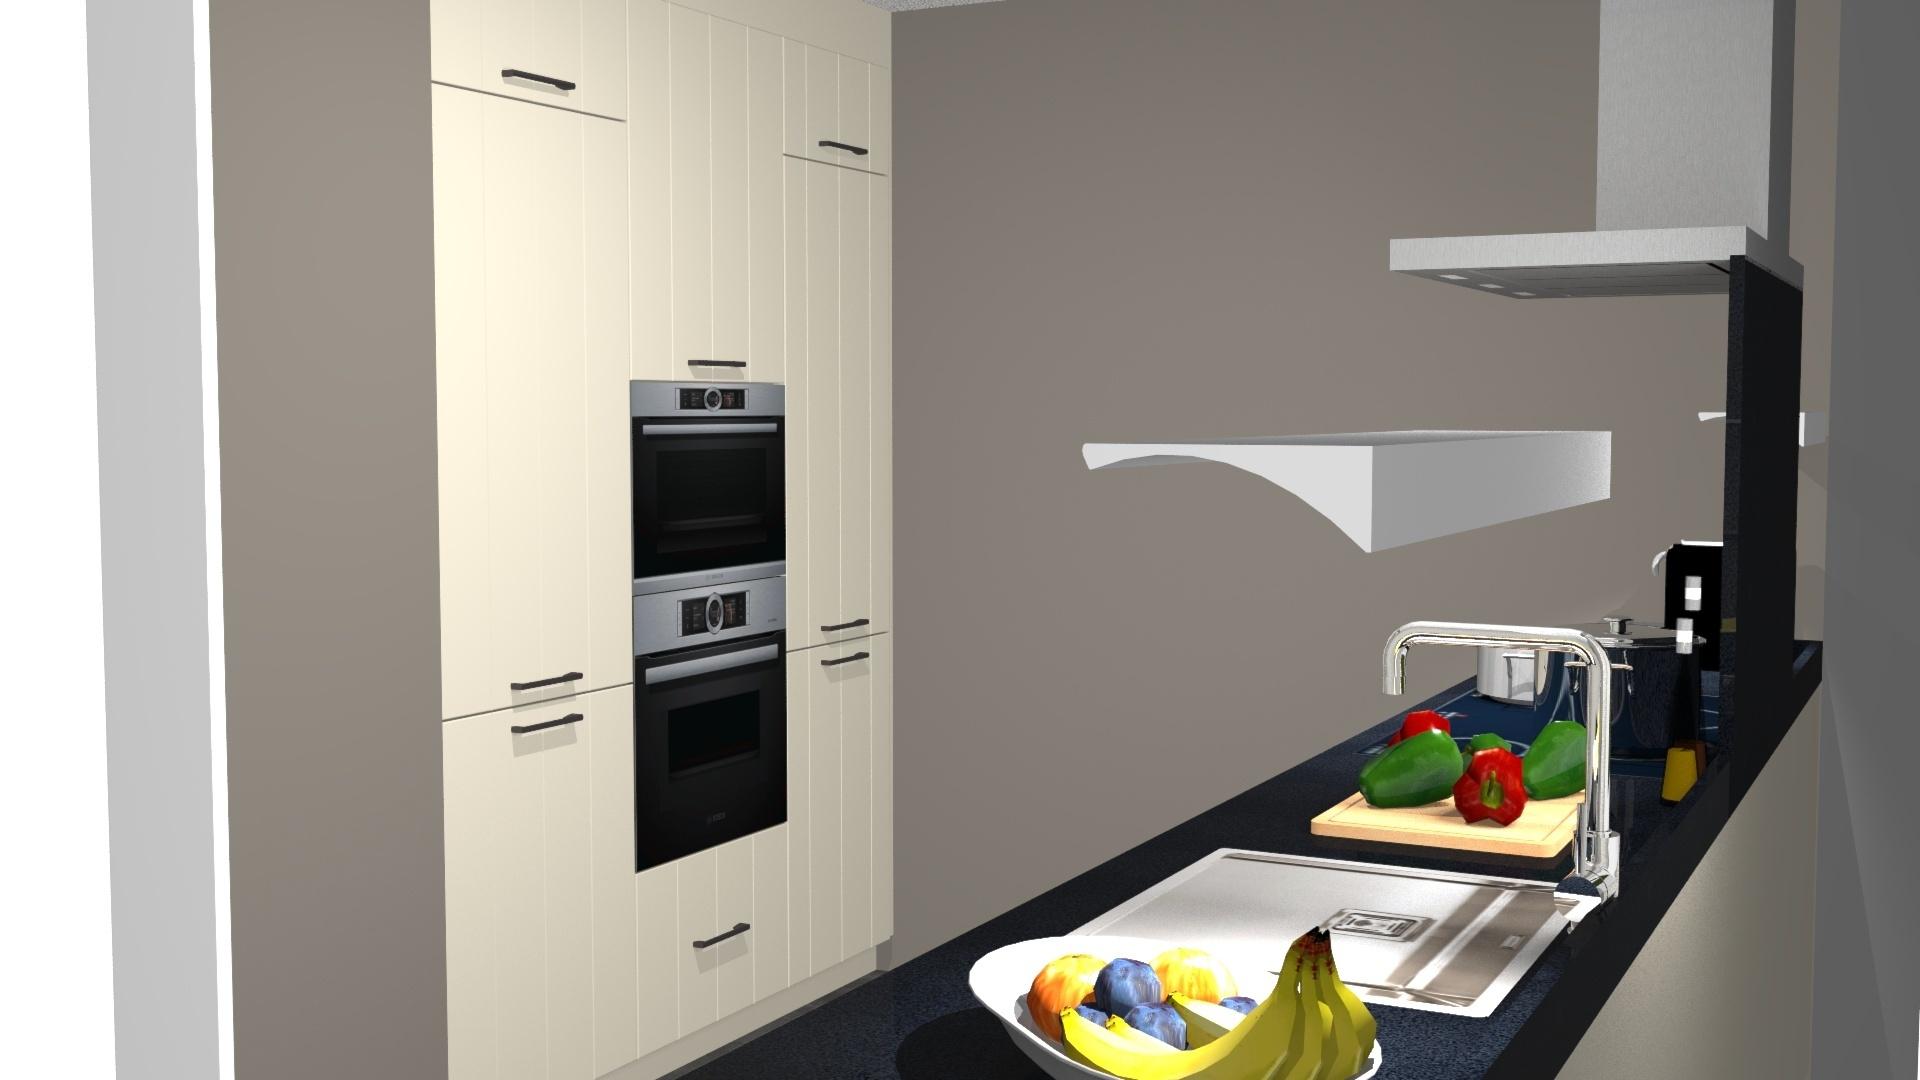 Het Grote Keuken topic: verkopers, kwaliteit, prijs - Deel 3 ...